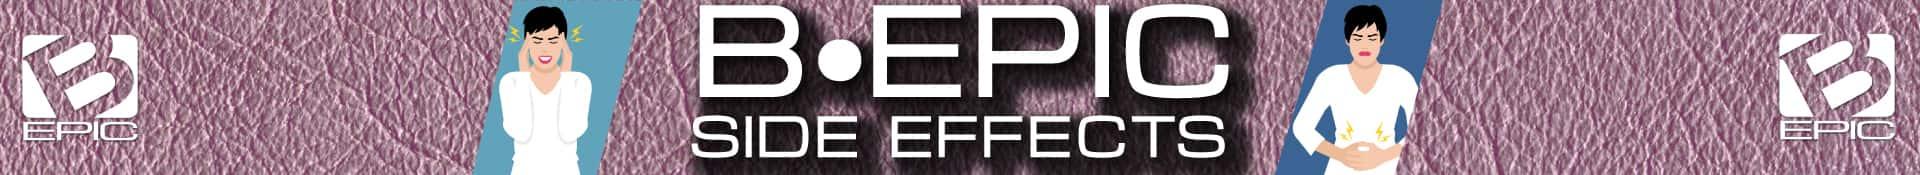 bepic elev8 acceler8 - side effects